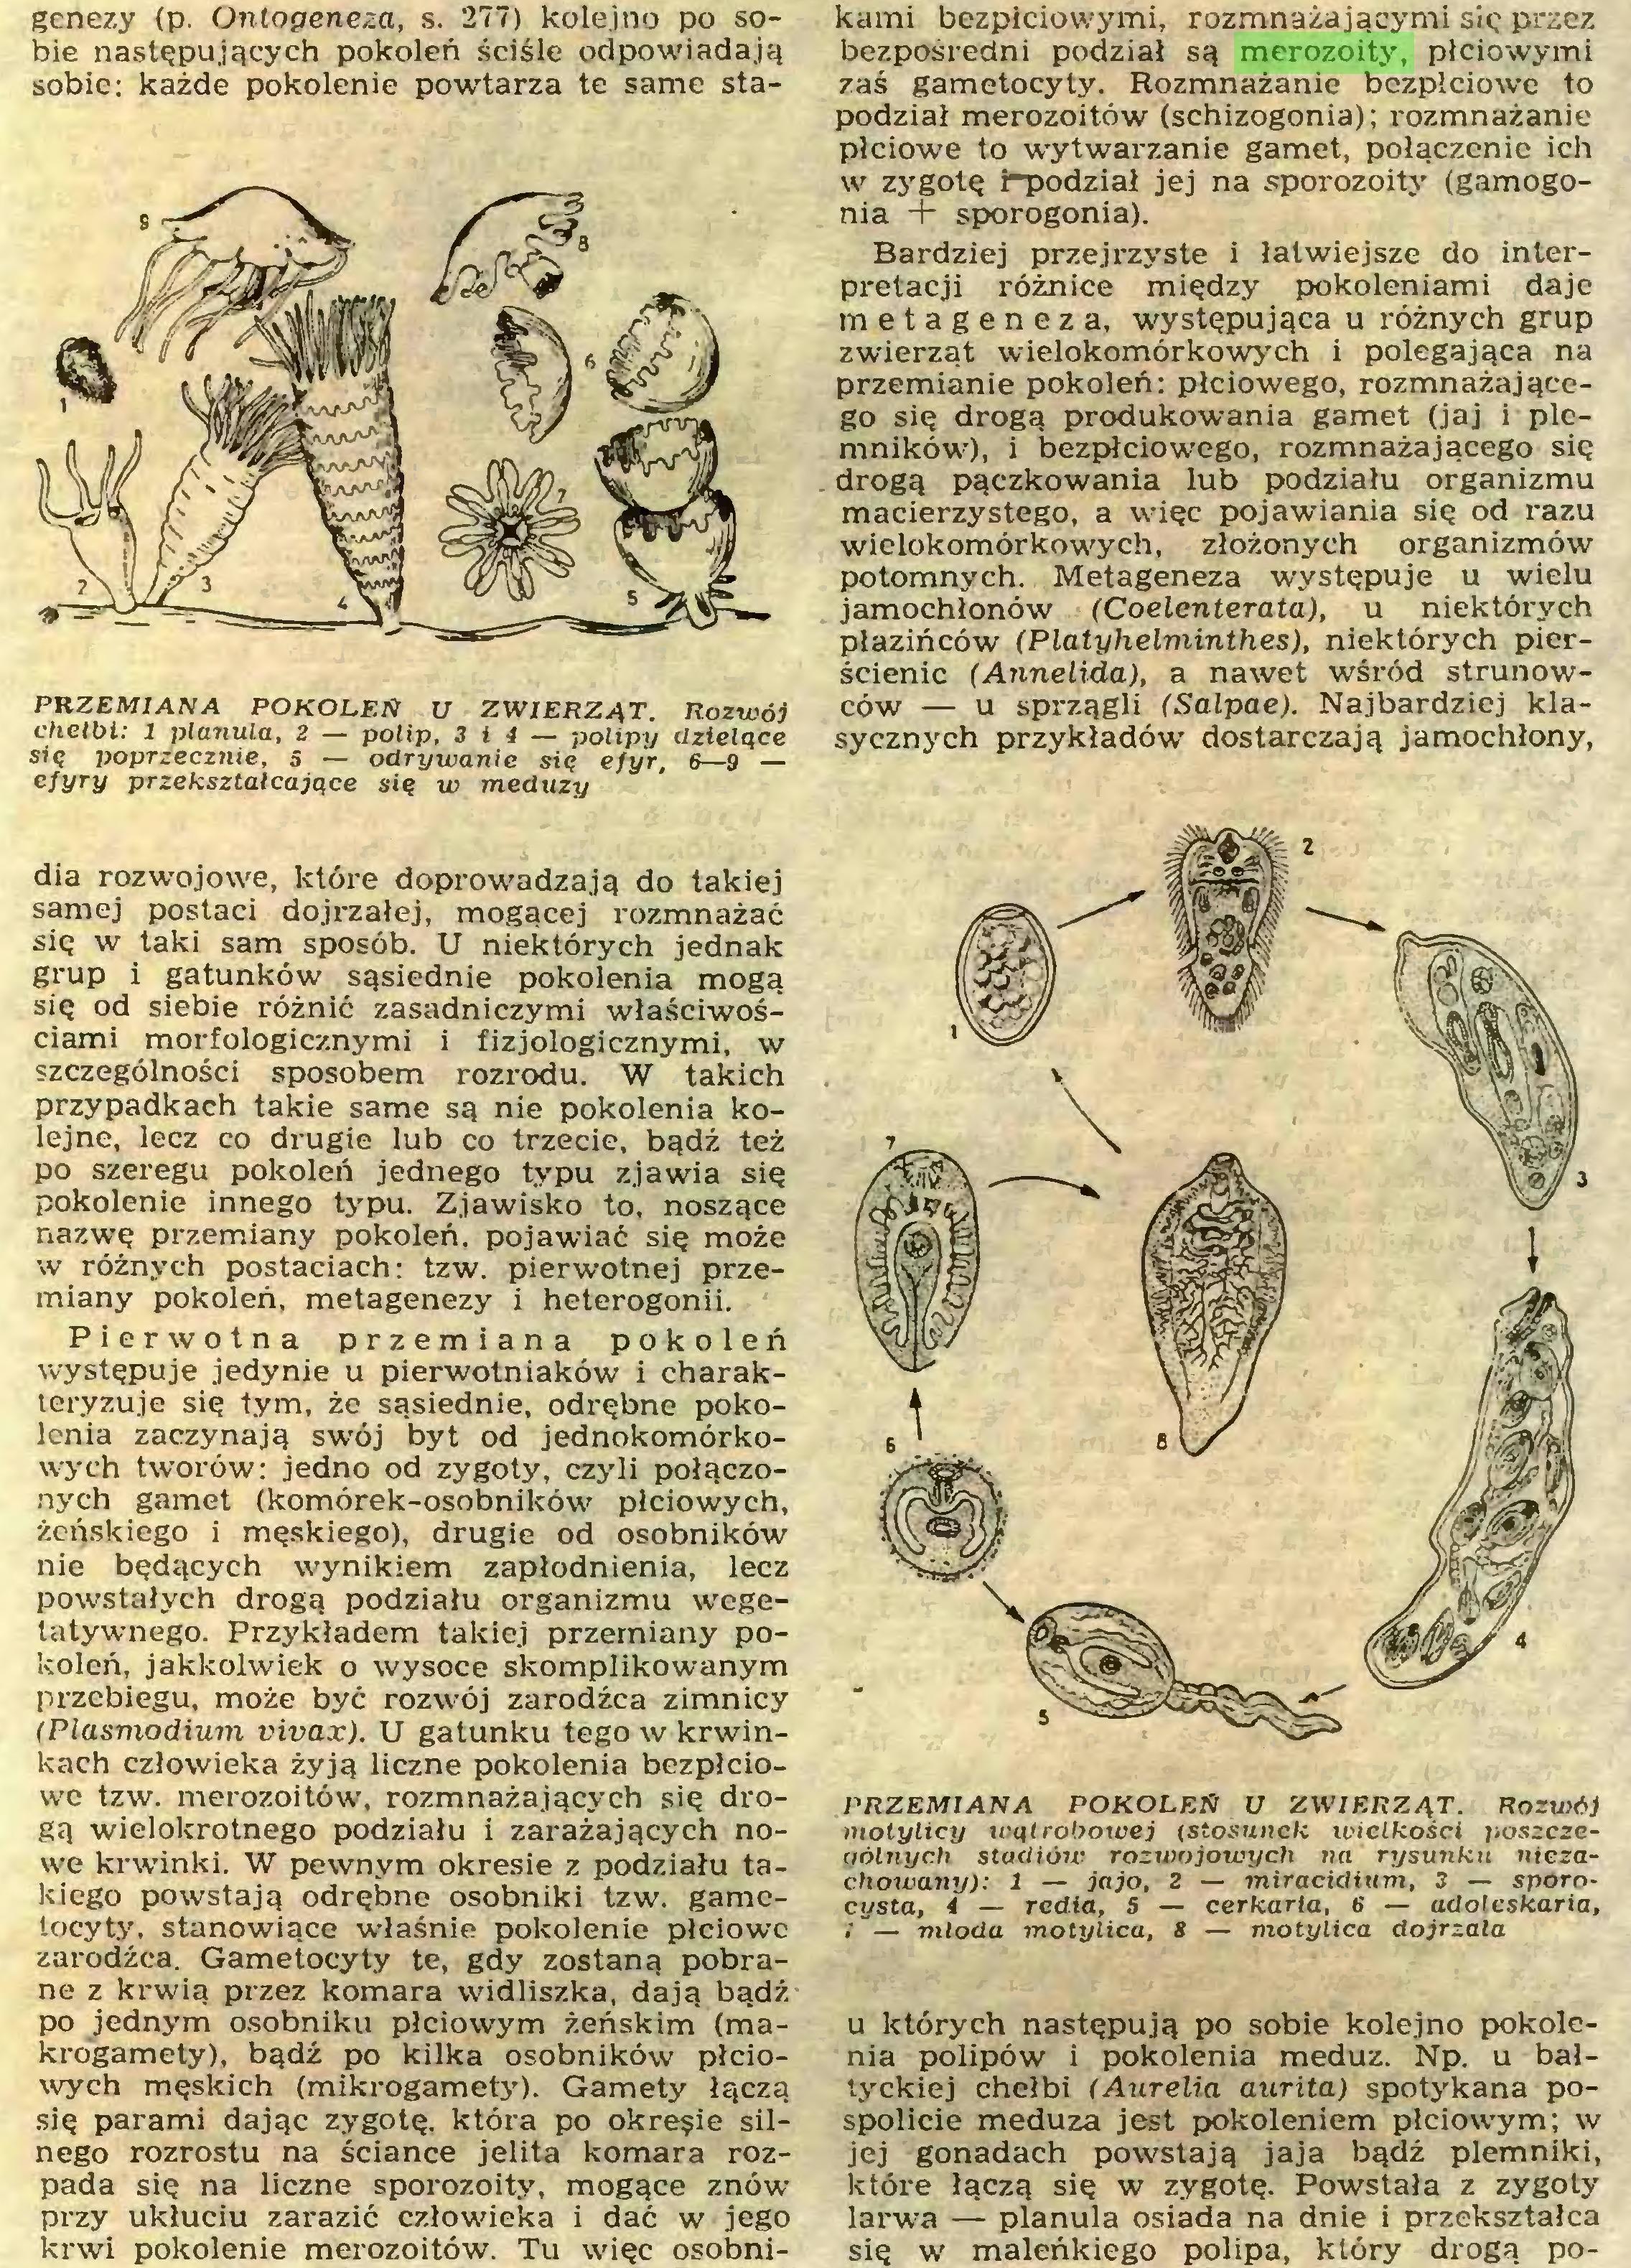 """(...) wych męskich (mikrogametj'). Gamety łączą się parami dając zygotę, która po okreęie silnego rozrostu na ściance jelita komara rozpada się na liczne sporozoity, mogące znów przy ukłuciu zarazić człowieka i dać w jego krwi pokolenie merozoitów. Tu więc osobni¬ kami bezpłciowymi, rozmnażającymi się przez bezpośredni podział są merozoity, płciowymi zaś gametocyty. Rozmnażanie bezpłciowe to podział merozoitów (schizogonia); rozmnażanie płciowe to wytwarzanie gamet, połączenie ich w zygotę i""""podział jej na sporozoity (gamogonia + sporogonia)..."""